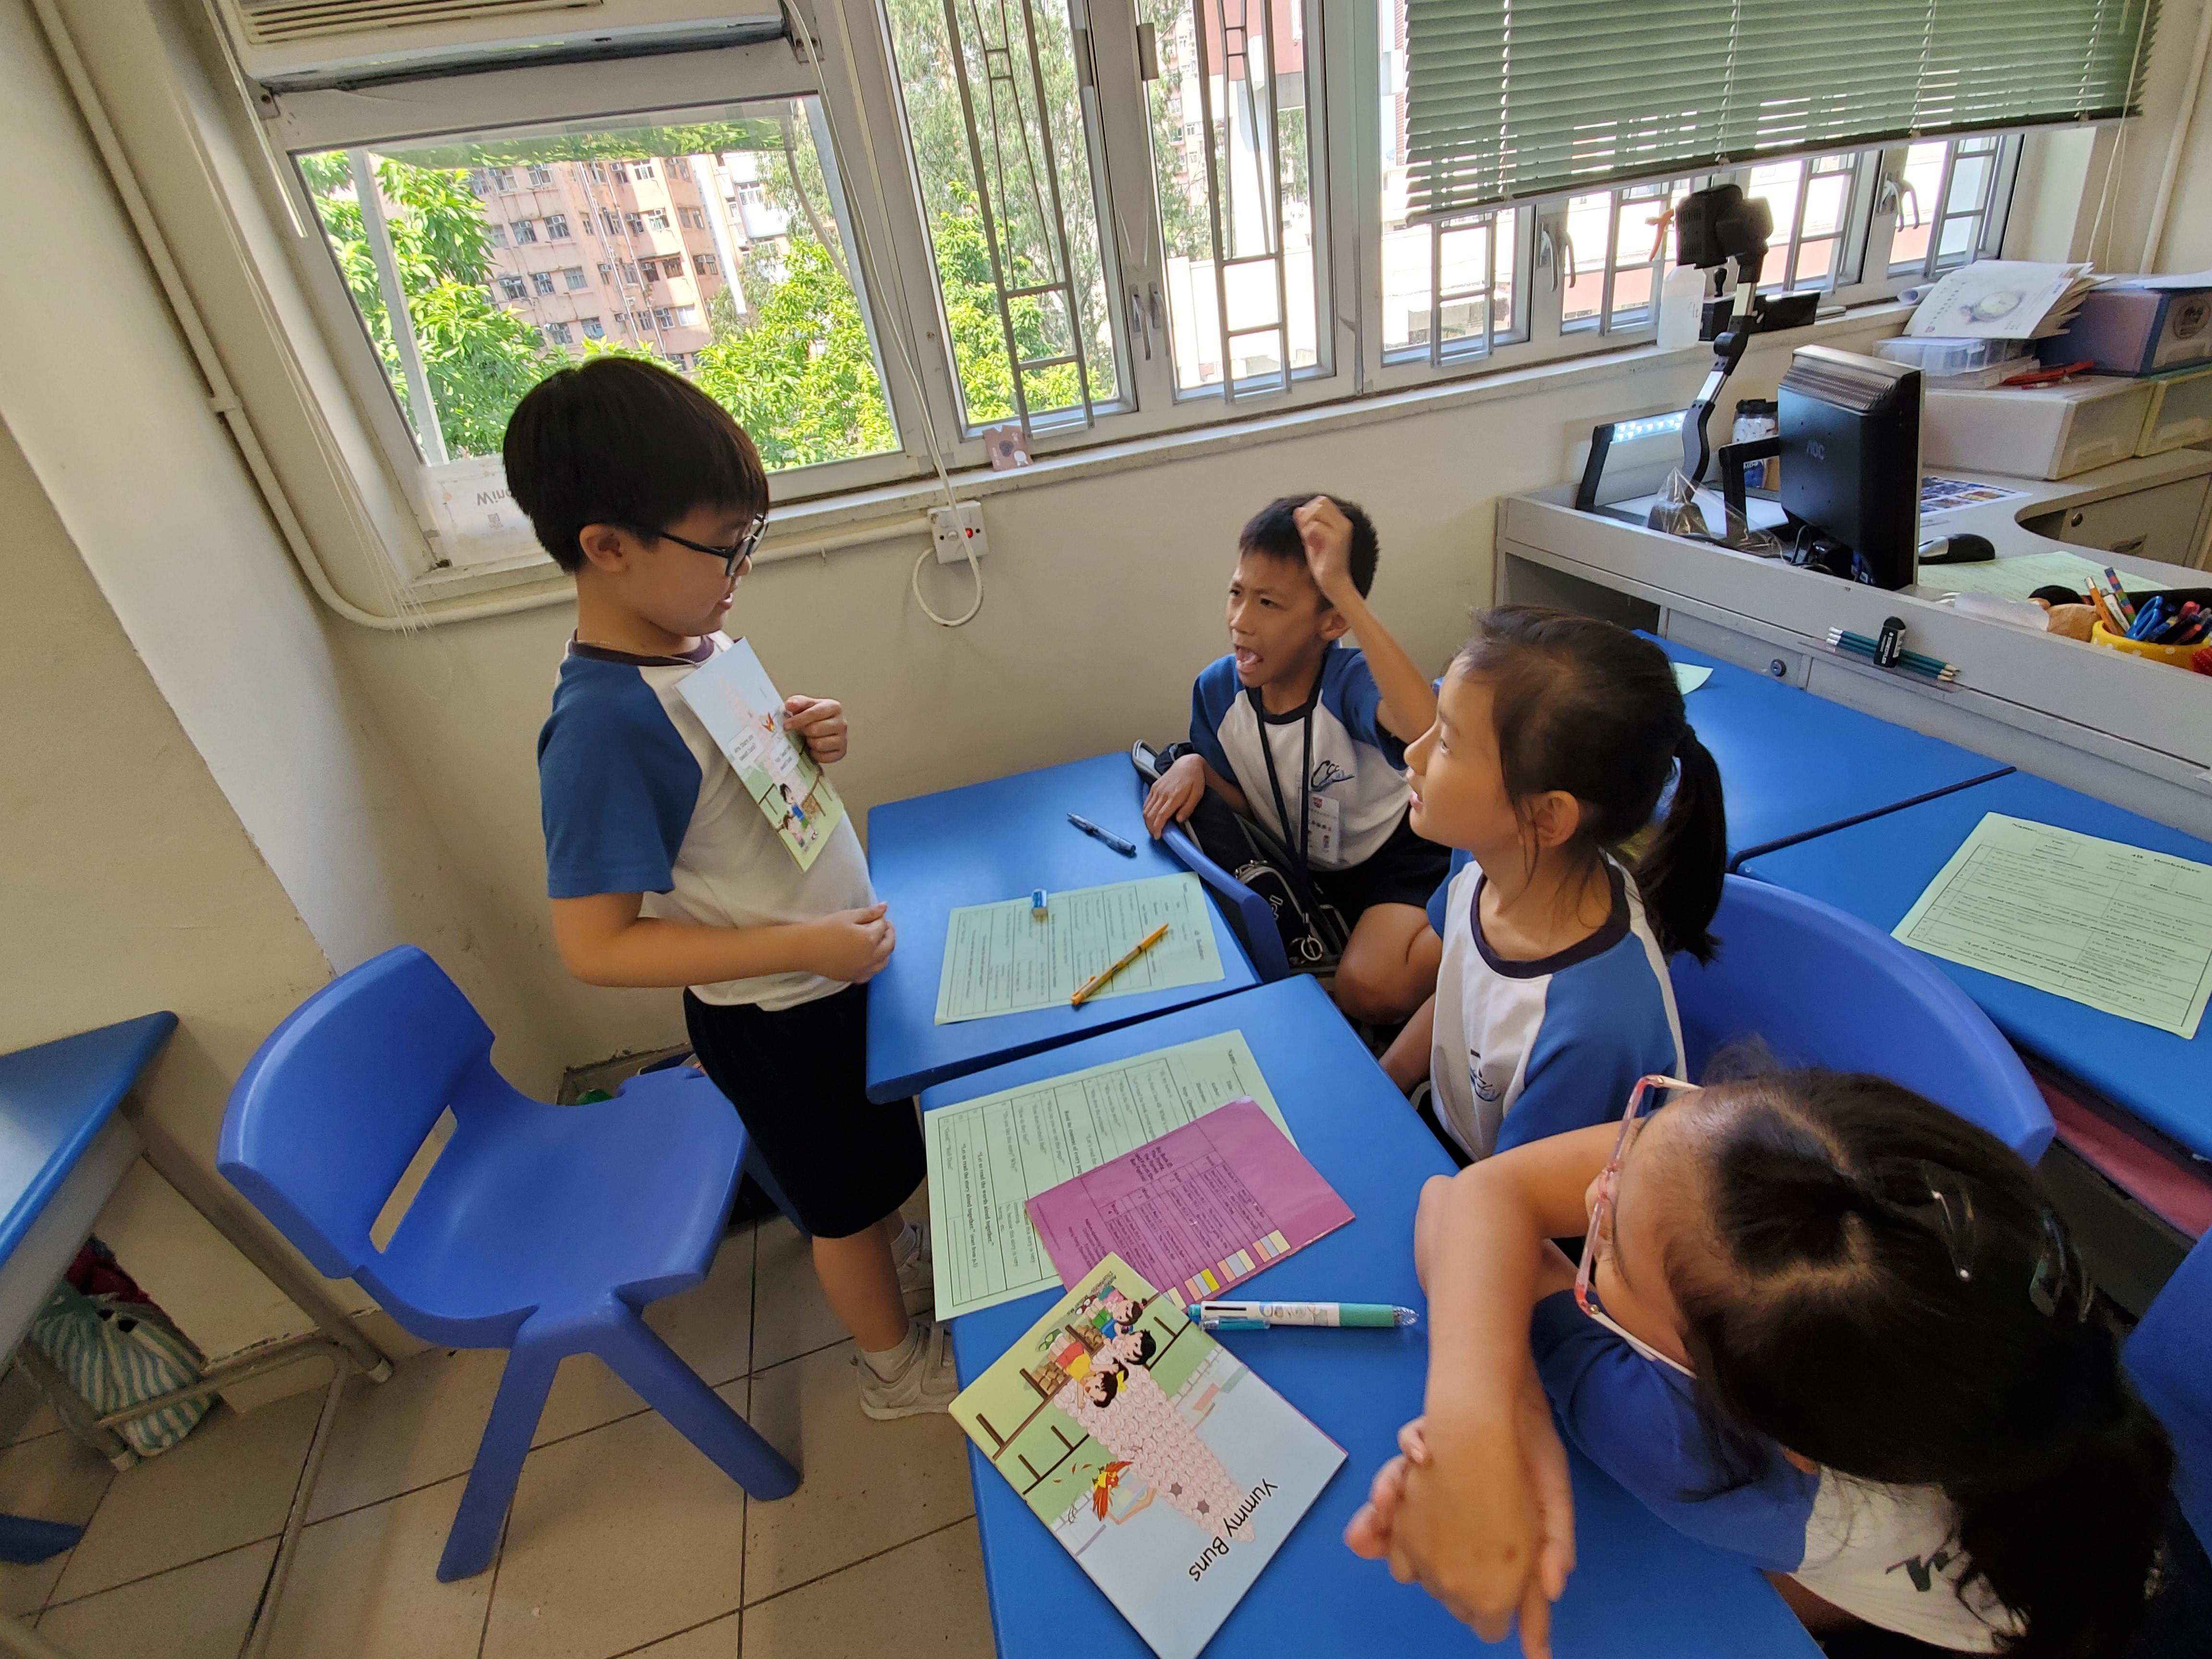 http://www.keiwan.edu.hk/sites/default/files/43_1.jpg